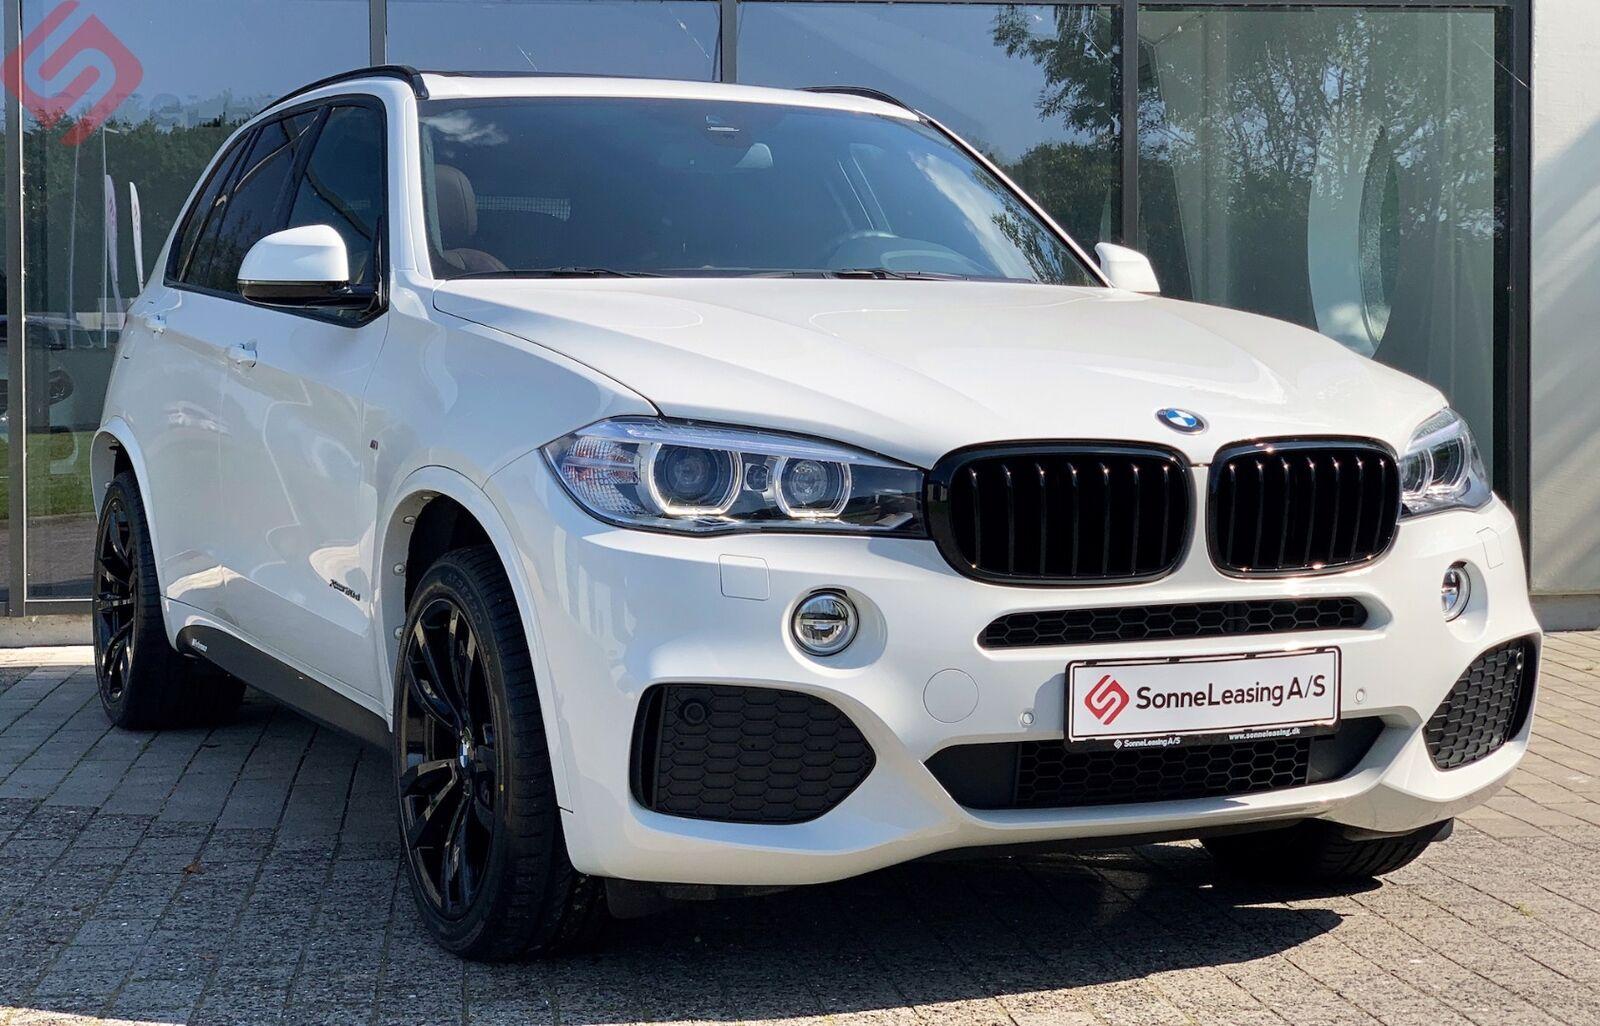 BMW X5 3,0 xDrive30d M-Sport aut. 5d - 669.995 kr.